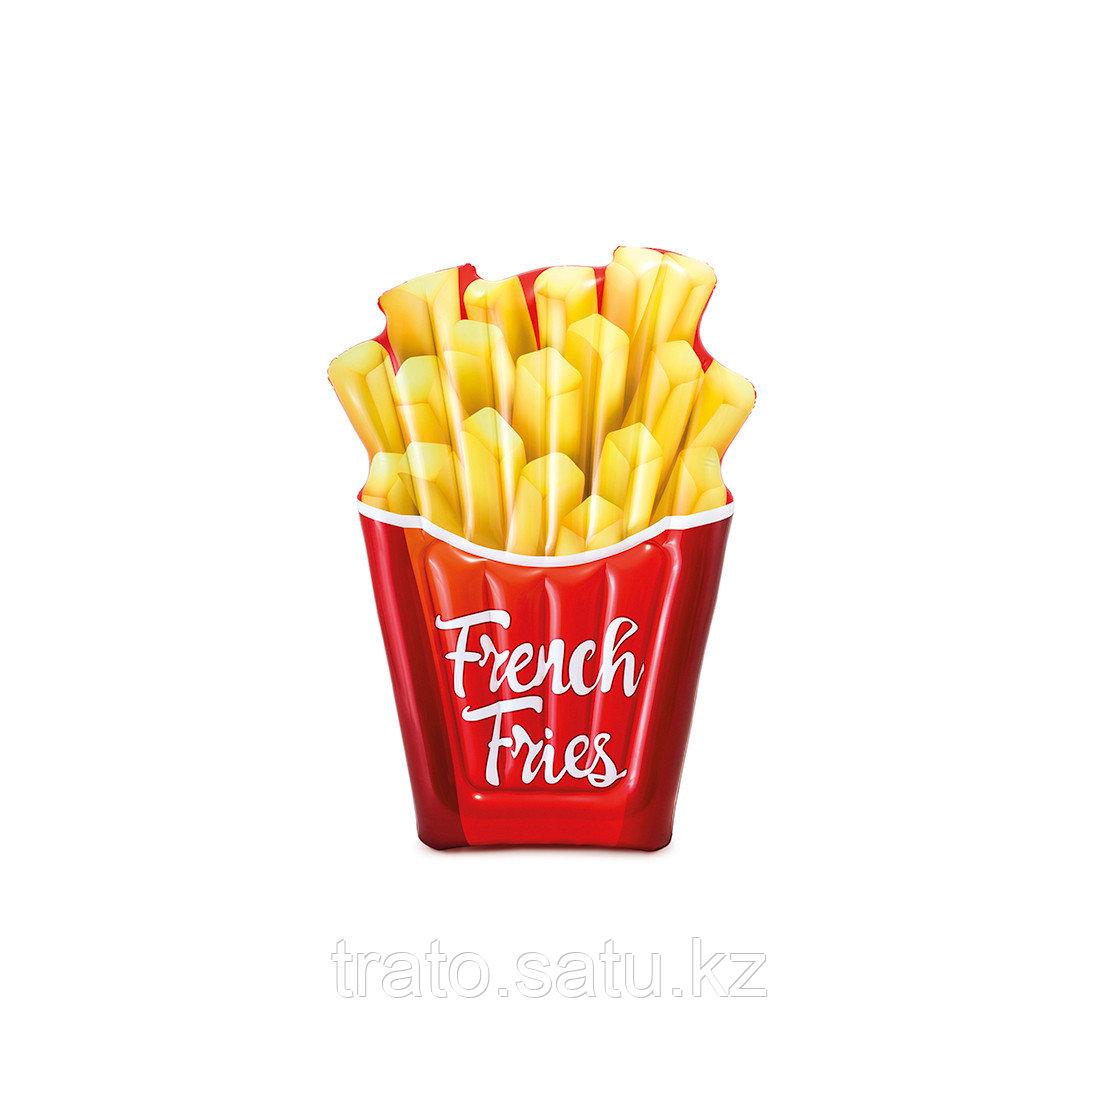 Надувной пляжный матрас French Fries 175х132 см Intex